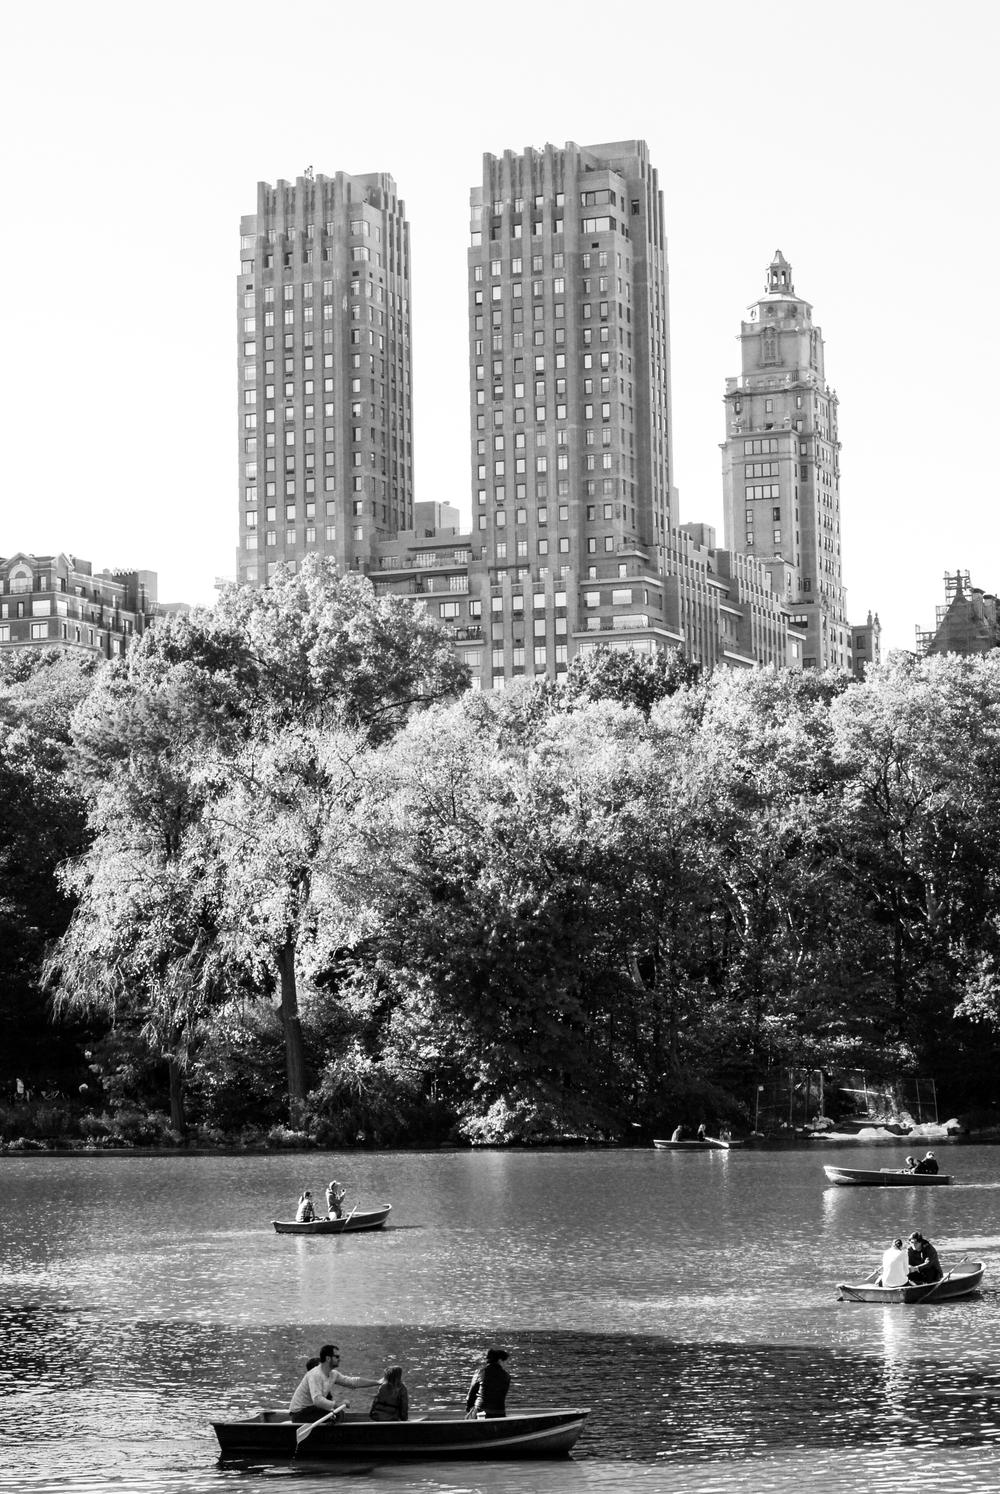 NYC_CityShots-0191.JPG